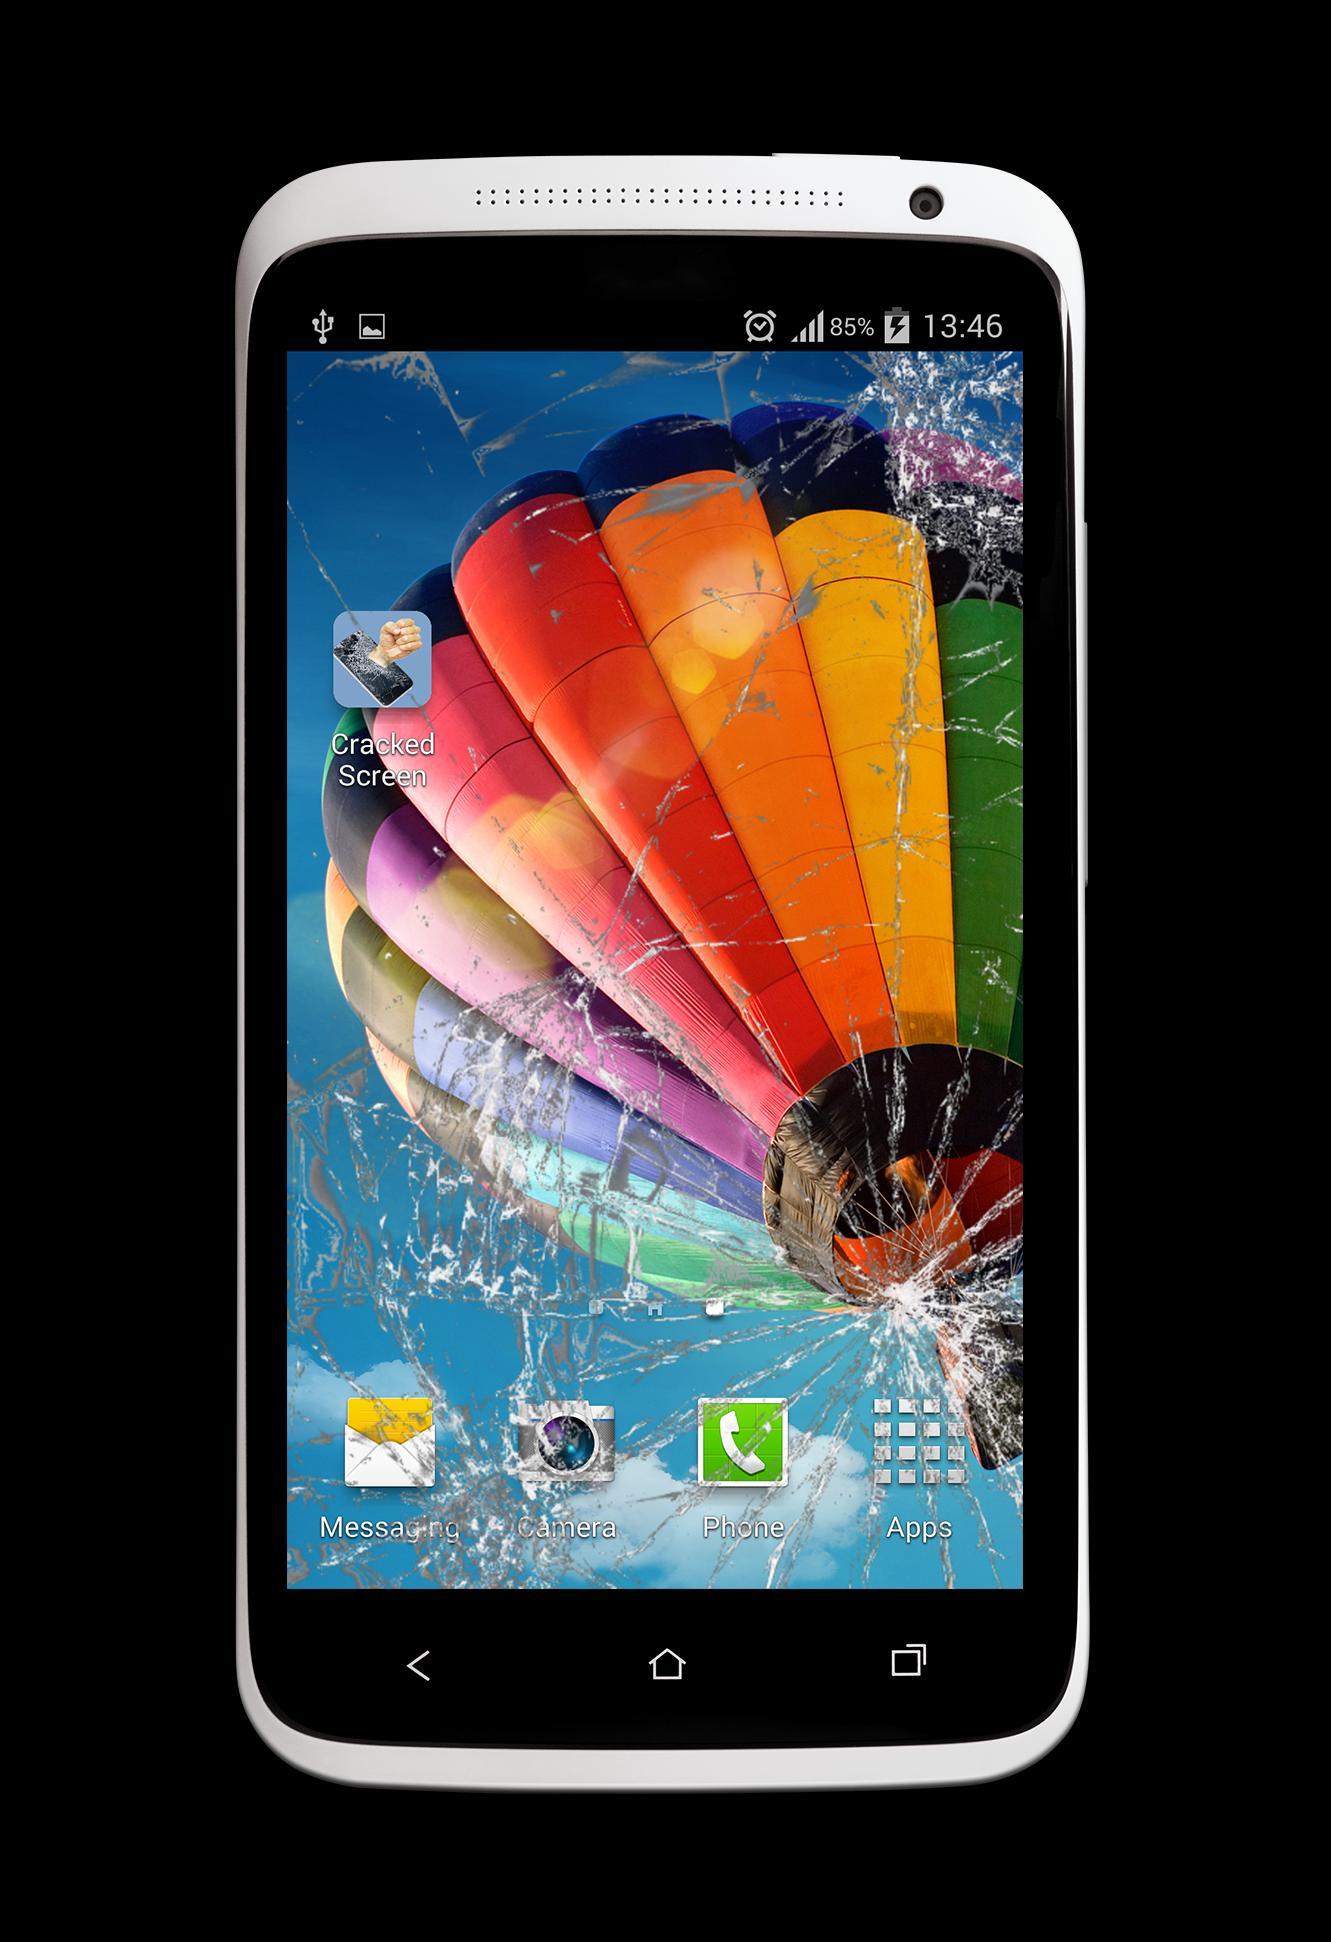 Real Broken Screen 3 تصوير الشاشة